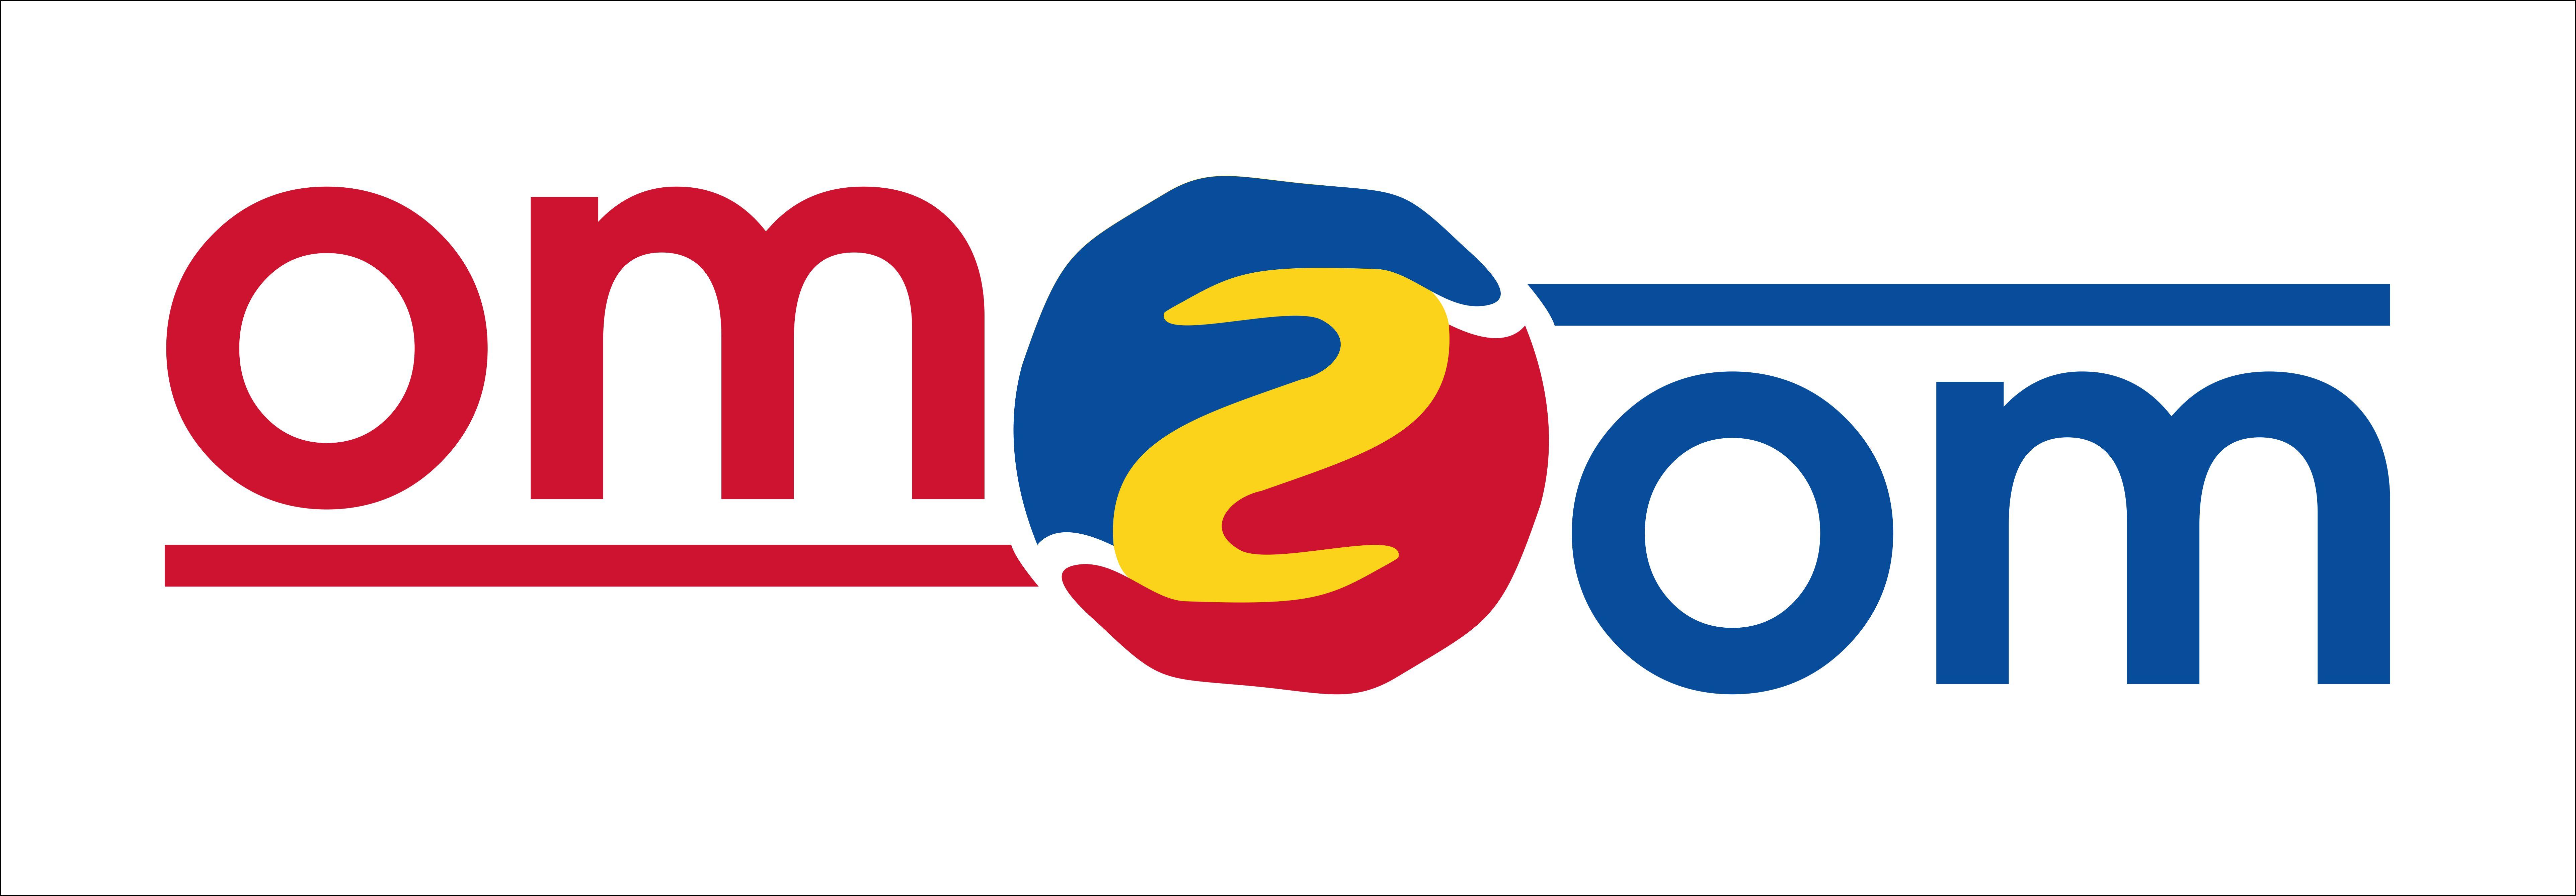 Разработка логотипа для краудфандинговой платформы om2om.md фото f_9775f5a90f6766cb.jpg